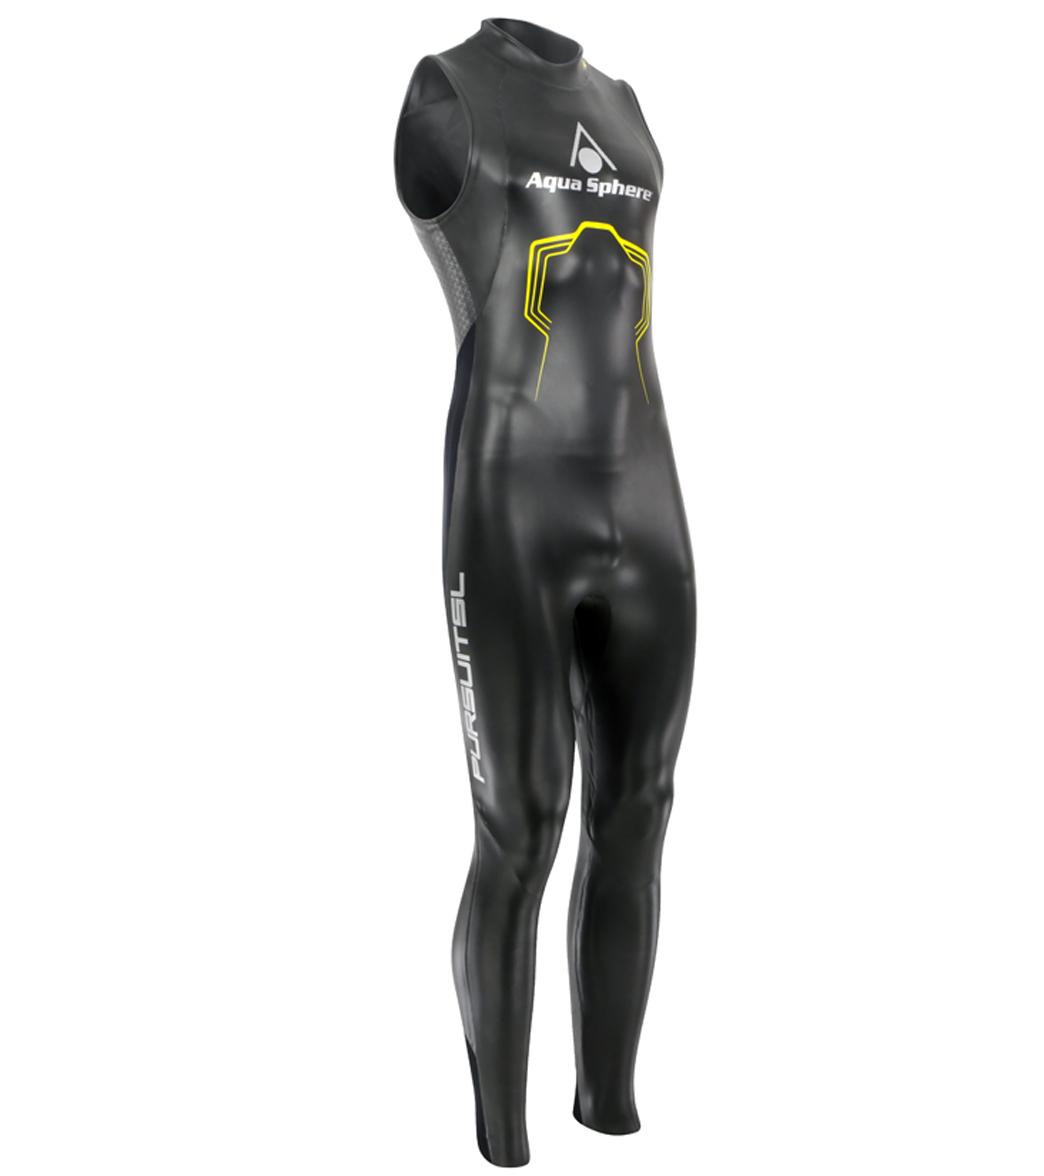 Aqua Sphere Men s Pursuit Sleeveless Tri Wetsuit at SwimOutlet.com ... fa2c46e1d